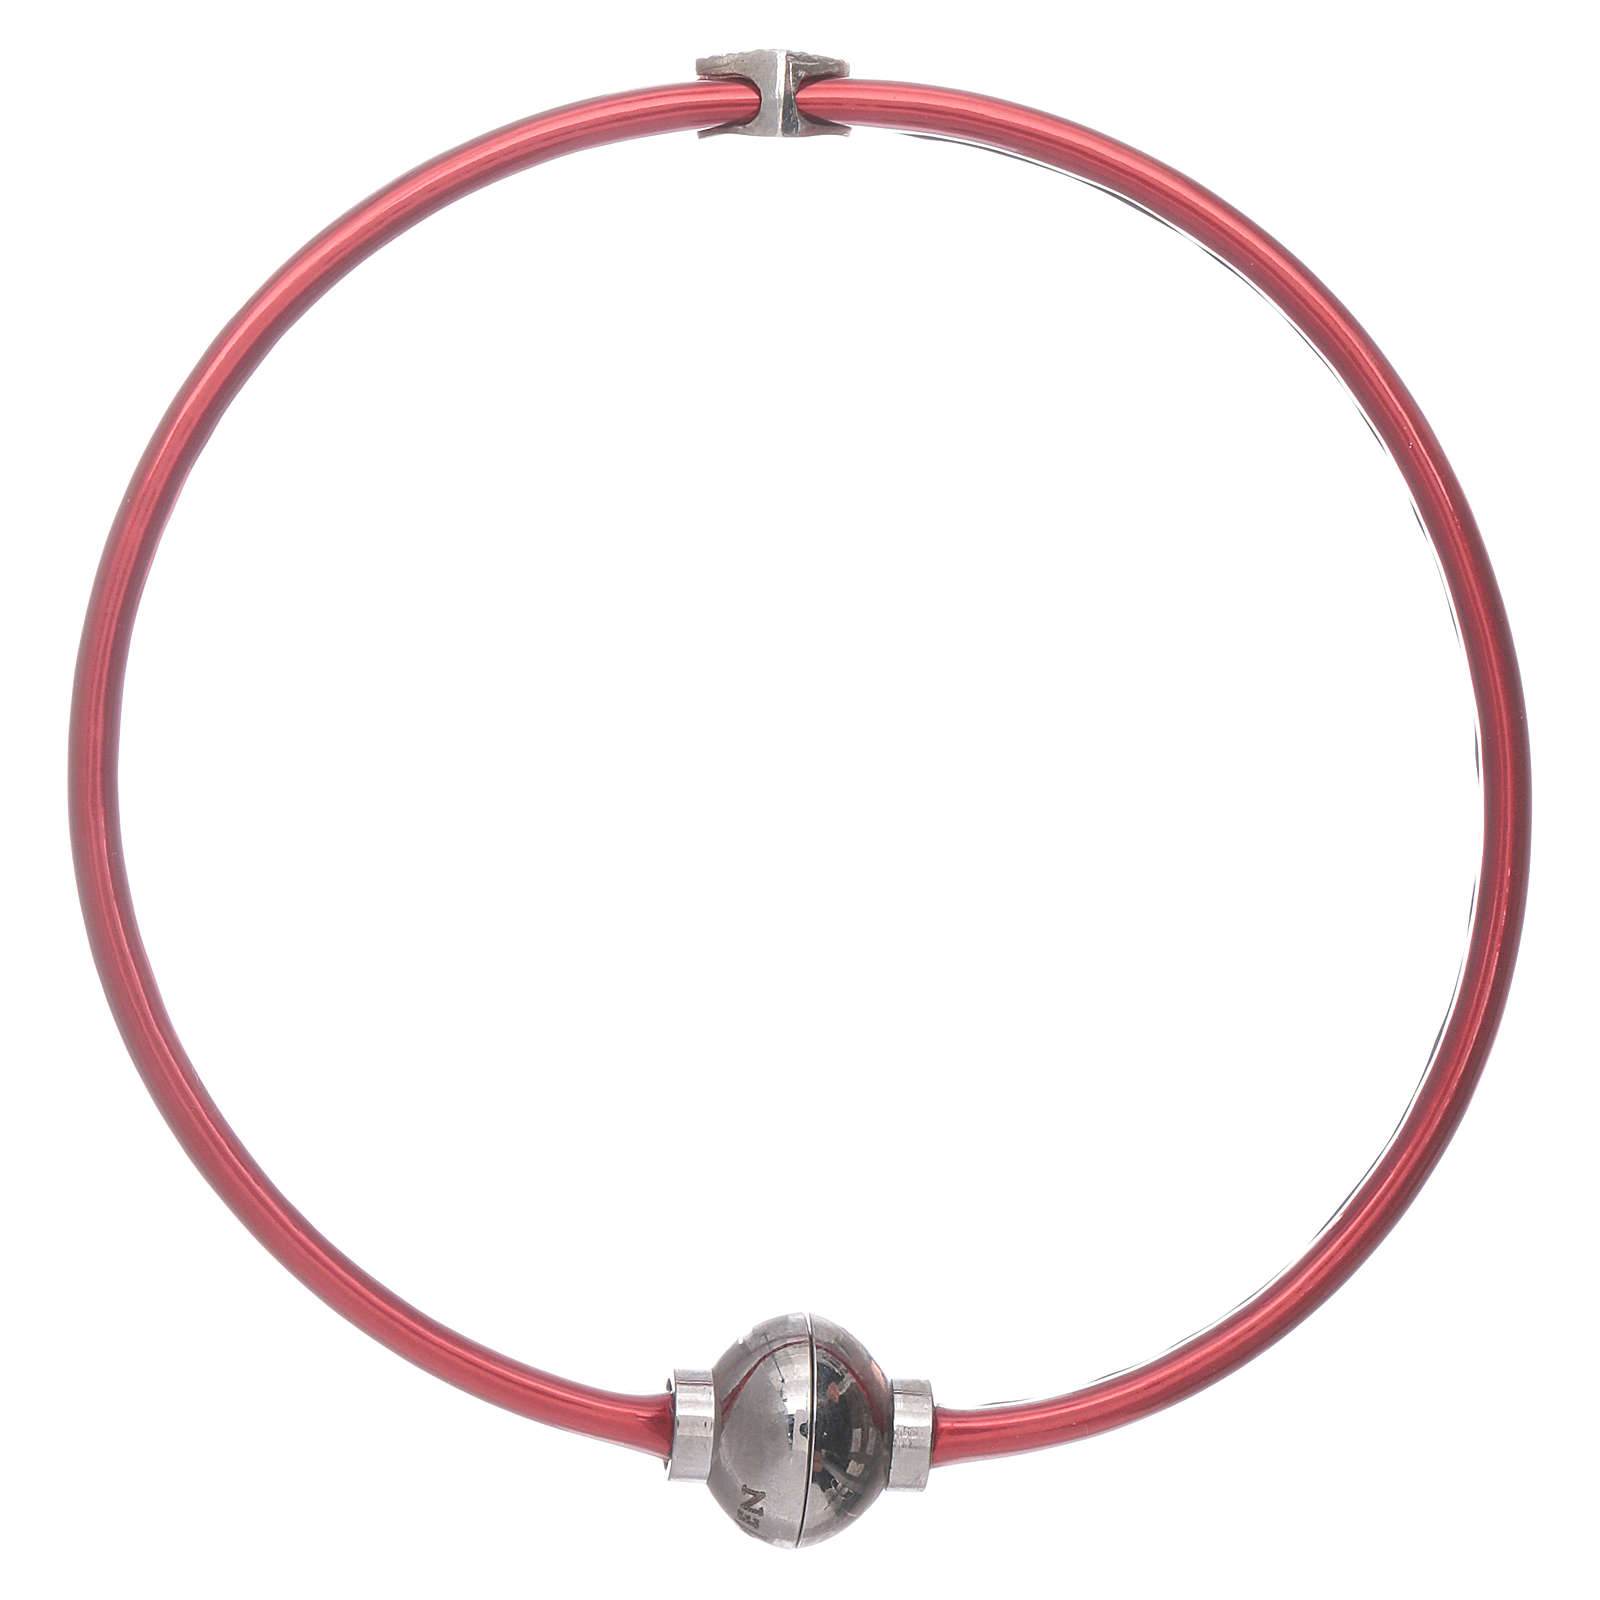 Bracciale AMEN in termoplastica rosso cuoricino zirconato argento 925 4